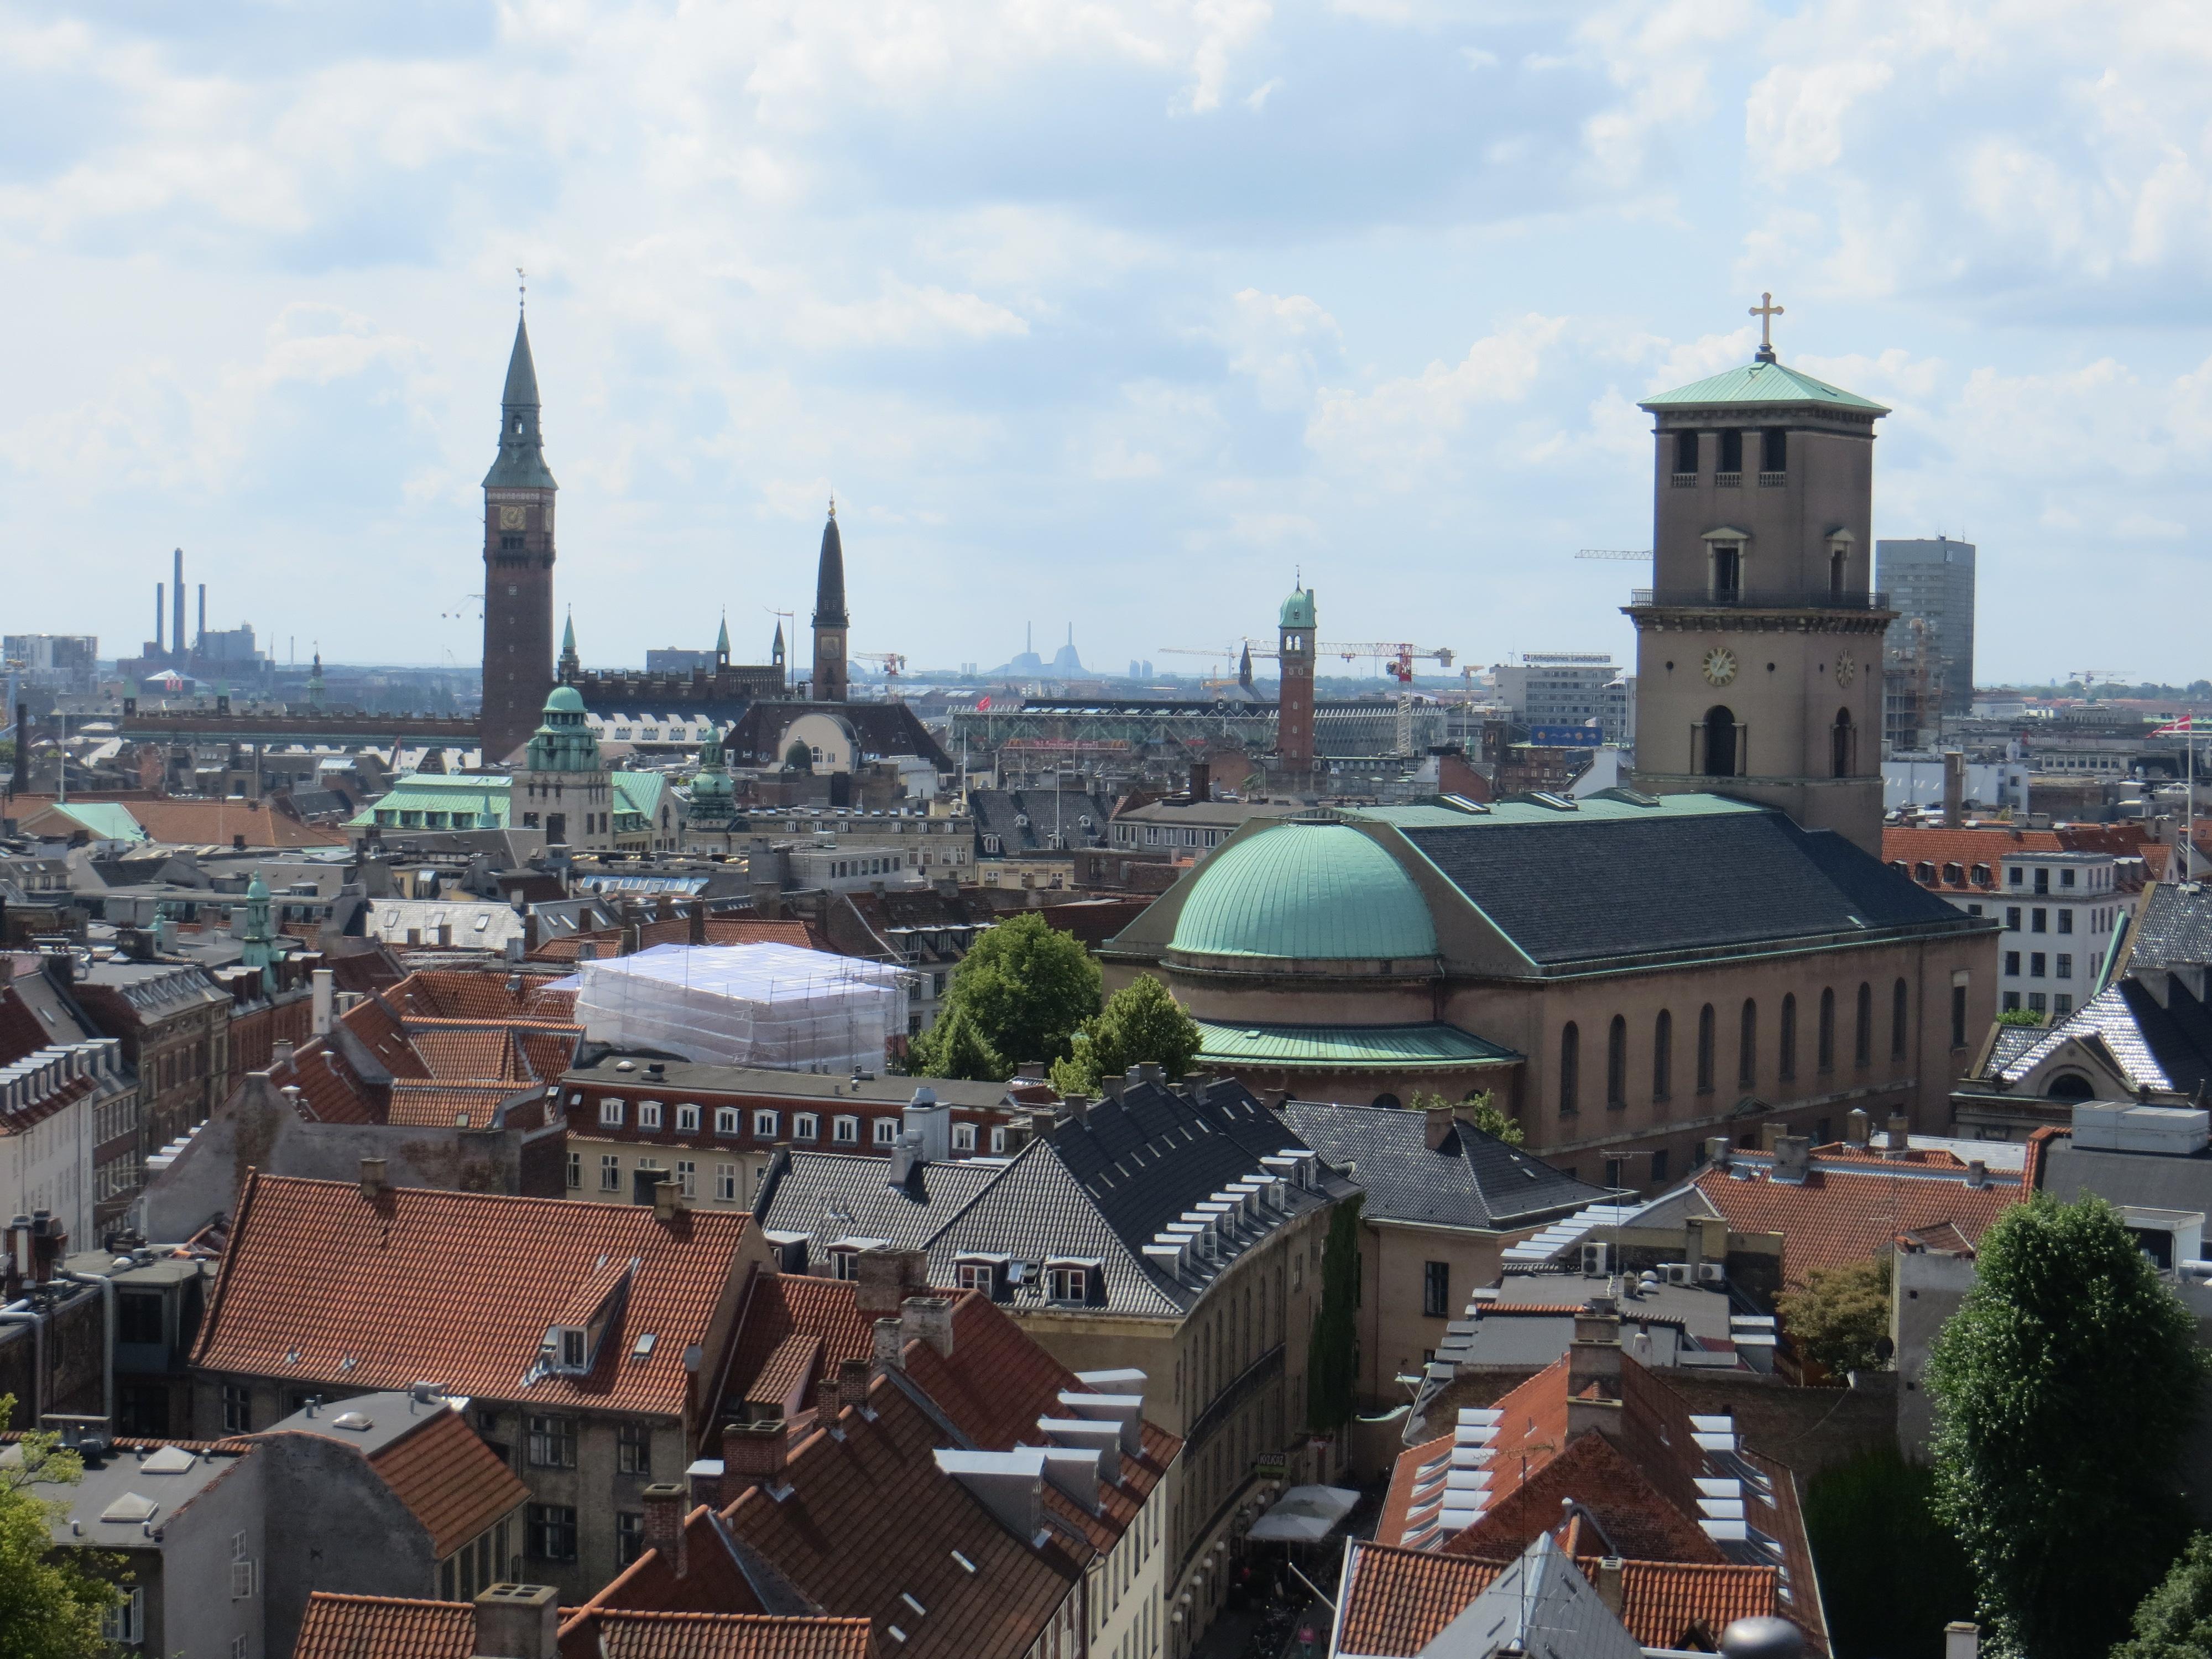 Cophenhagen 7.18 round tower view